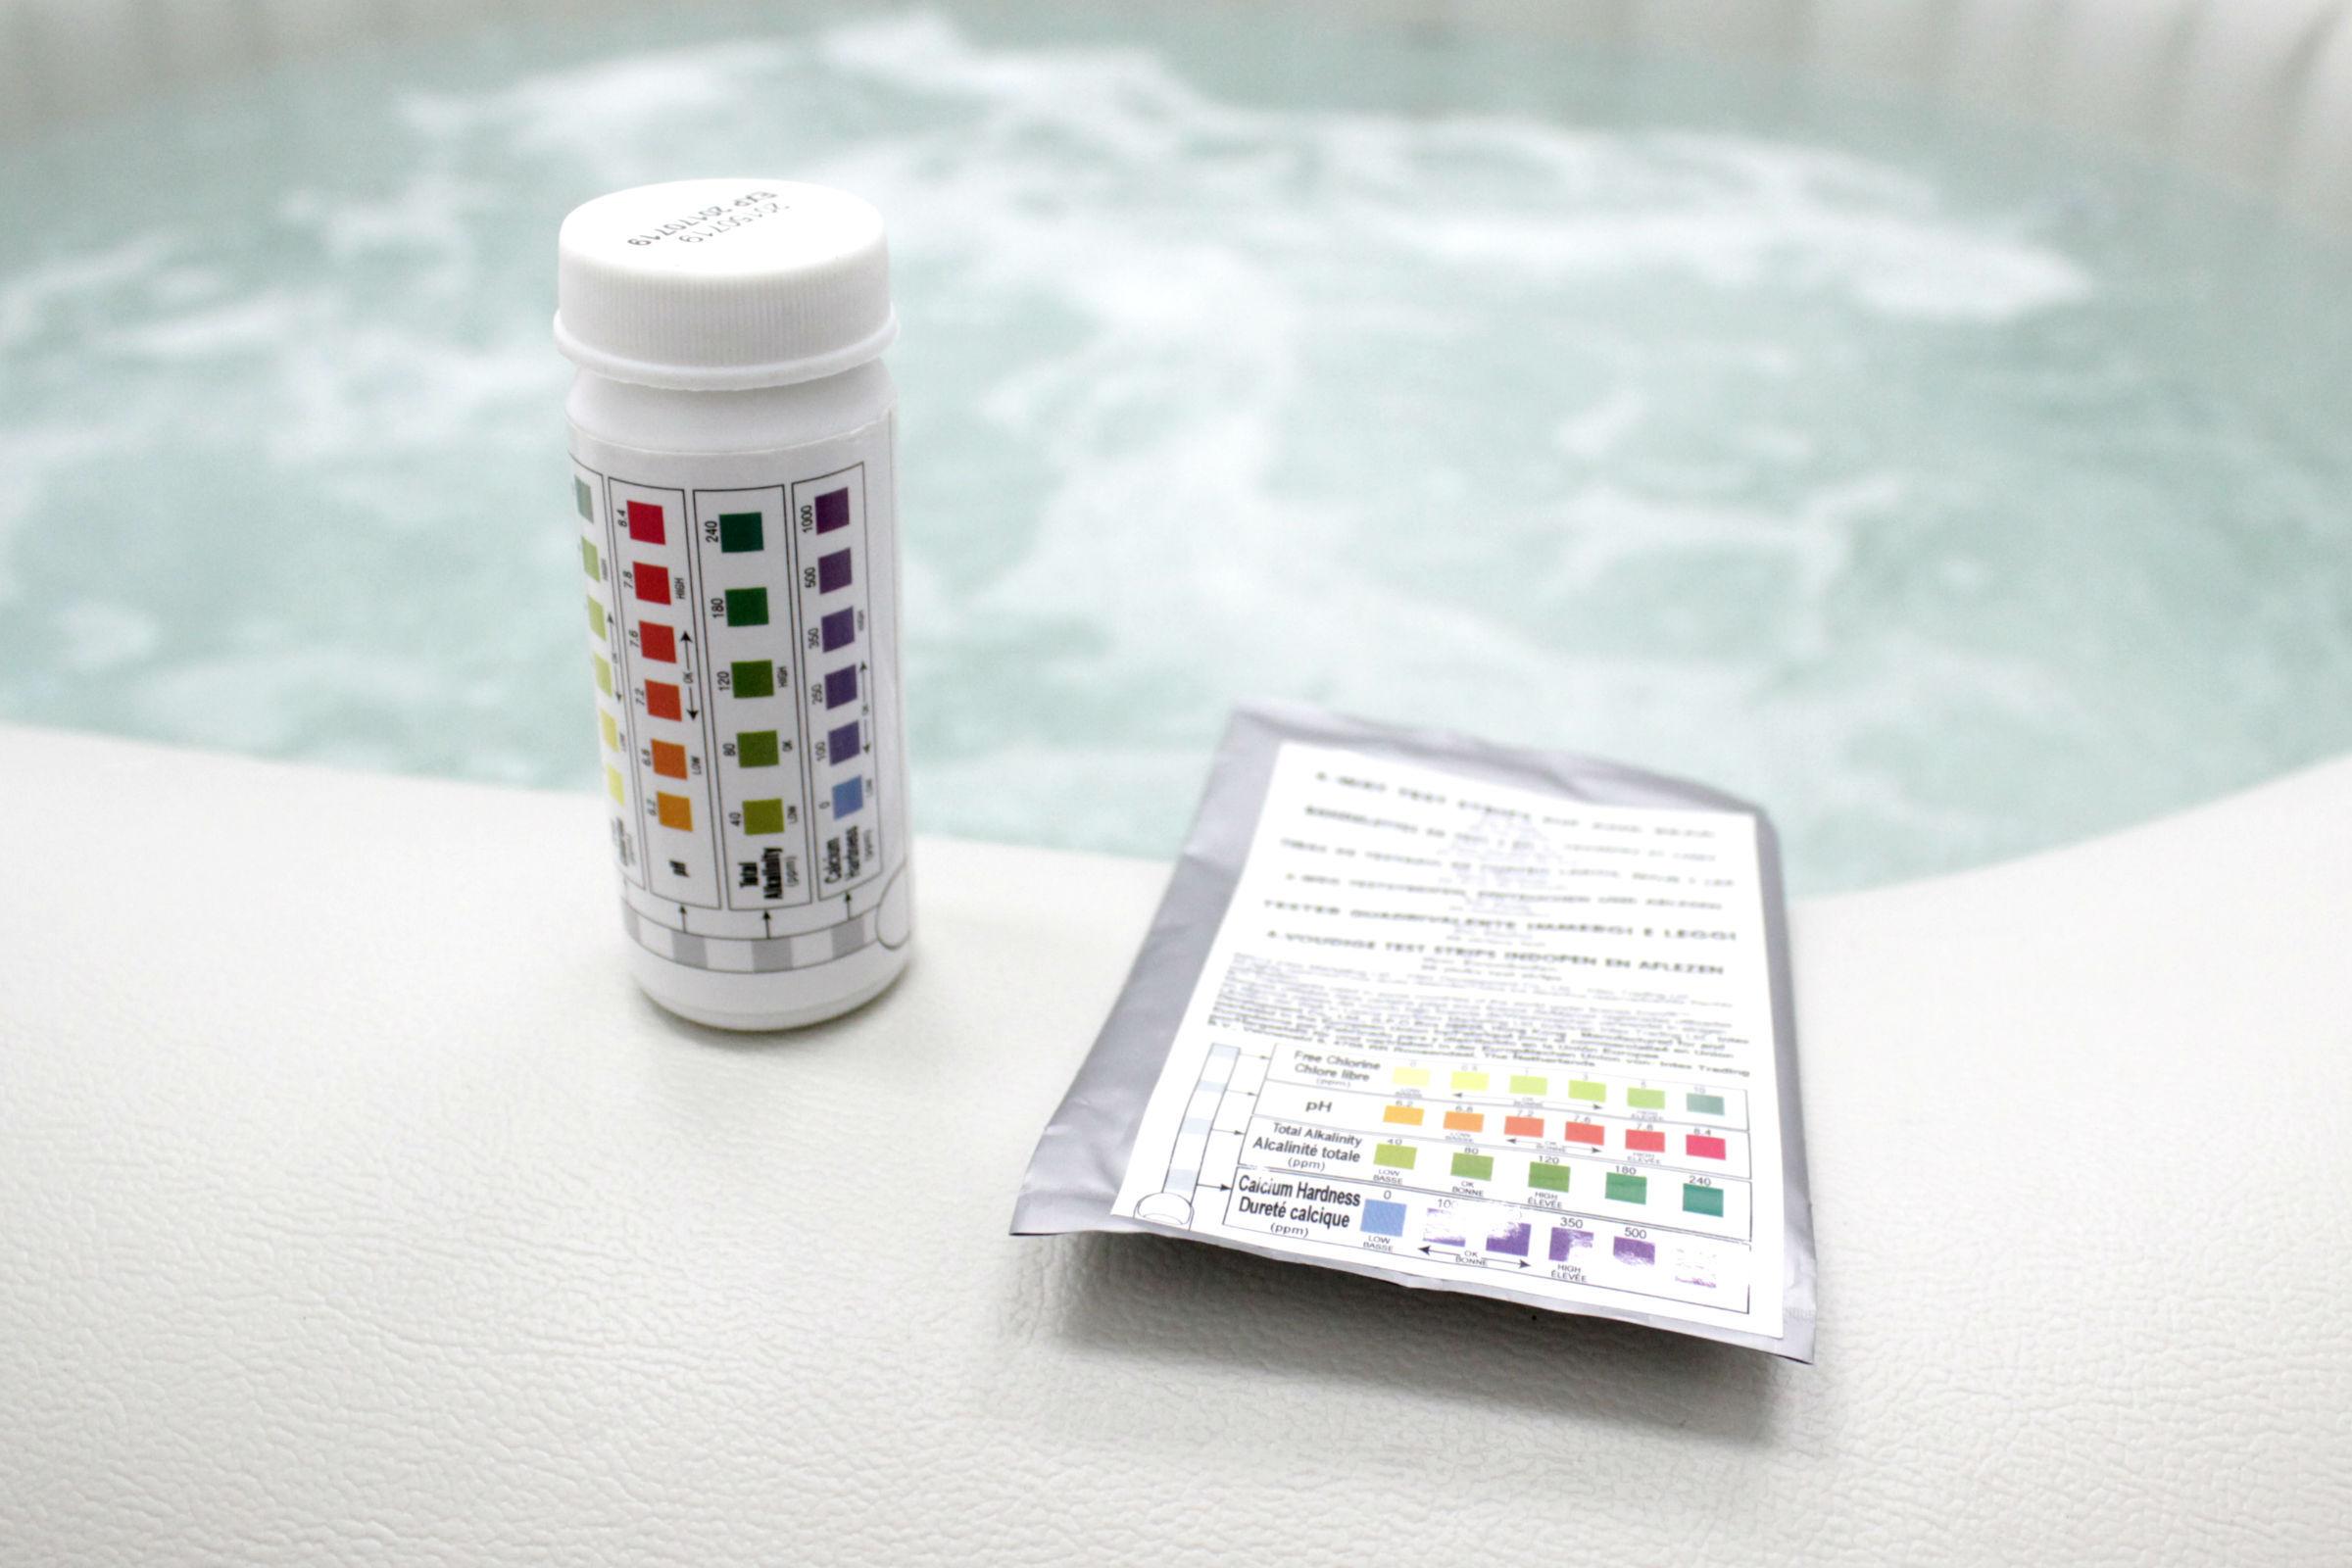 ชุดทดสอบน้ำในอ่างน้ำวน อ่างน้ำสปา อ่างน้ำจากุซซี่เคลื่อนที่ INTEX เพื่อตรวจค่าคลอรีน ค่าพีเอช ค่าแคลเซียม ค่าอัลคาลนิตี้ สำหรับโรงแรม สปา รีสอร์ท